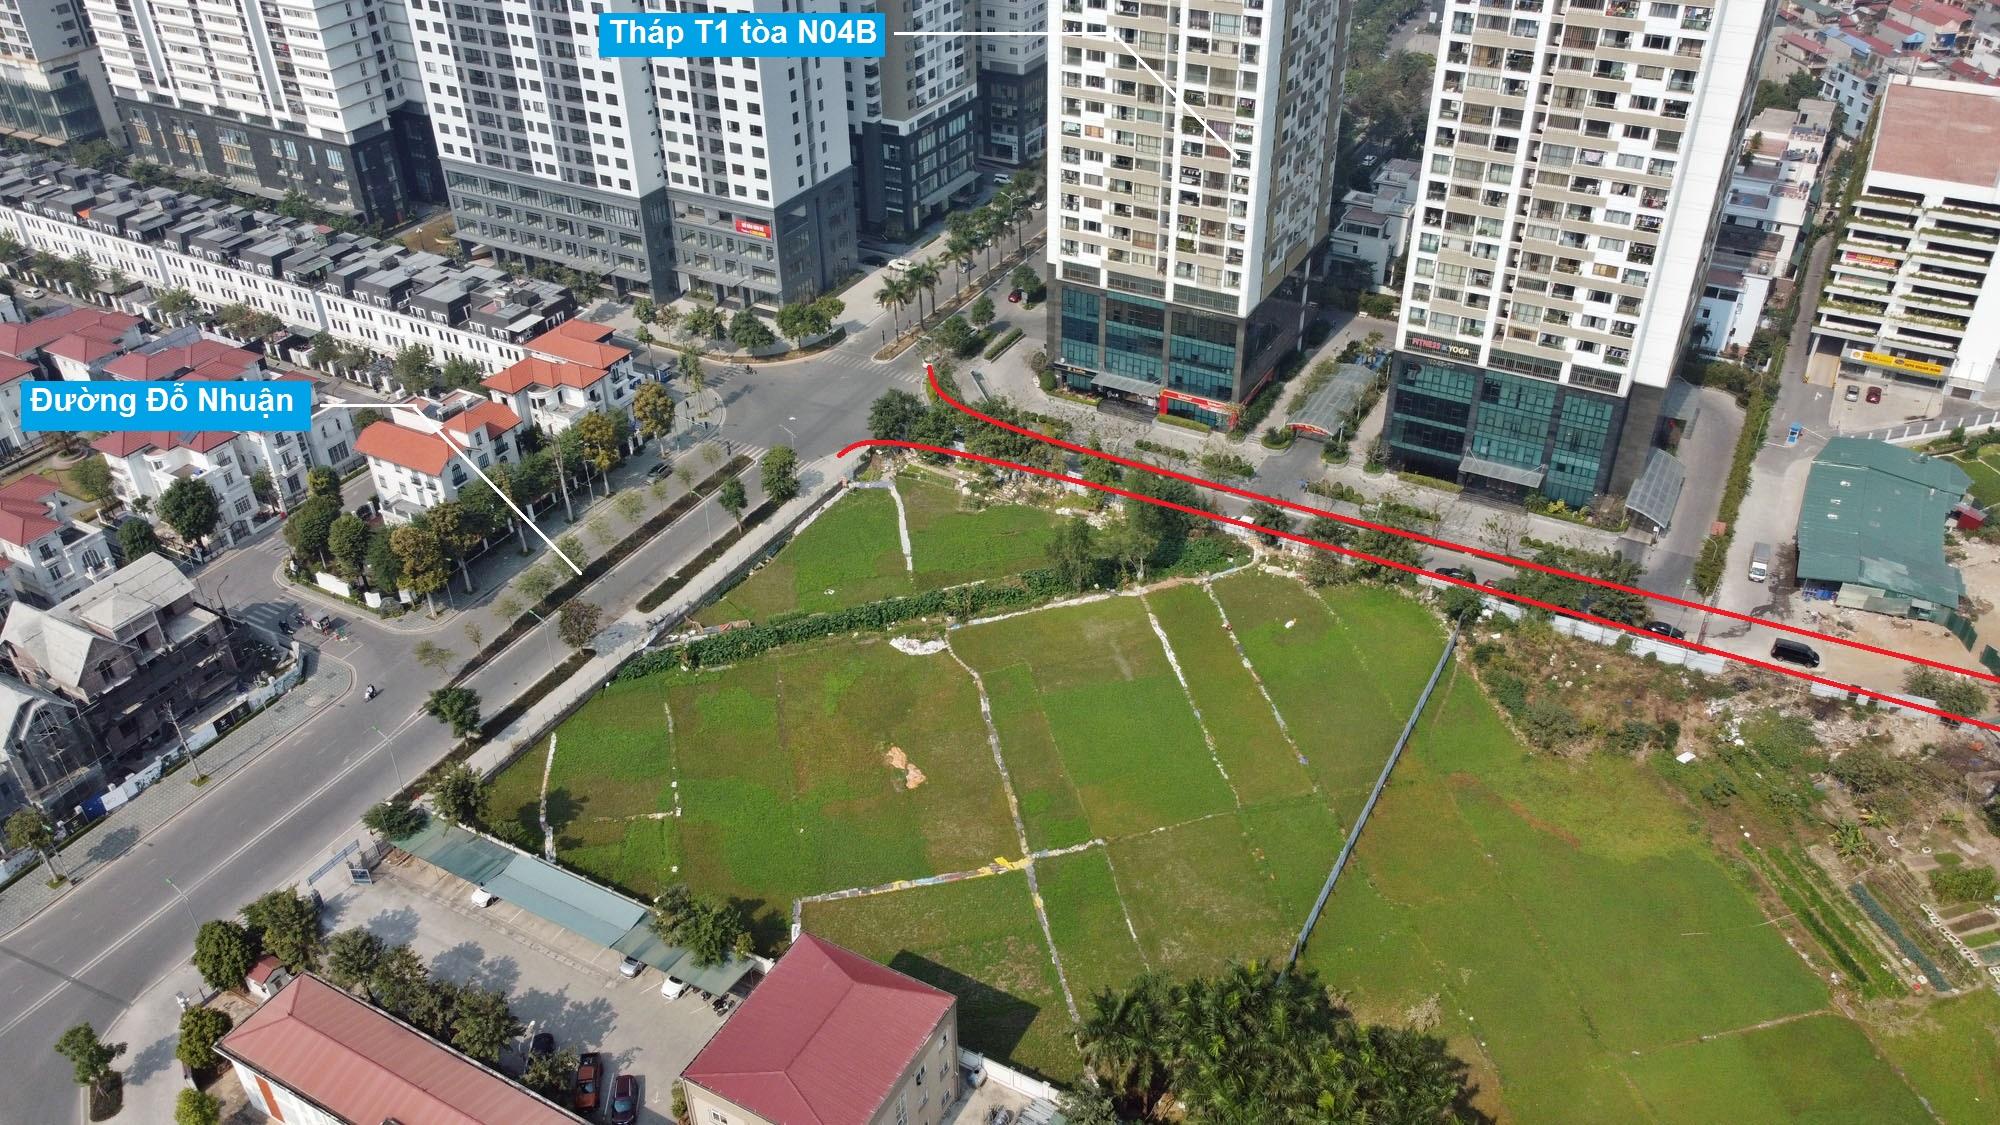 Ba đường sẽ mở theo qui hoạch ở phường Xuân Tảo, Bắc Từ Liêm, Hà Nội (phần 2) - Ảnh 7.